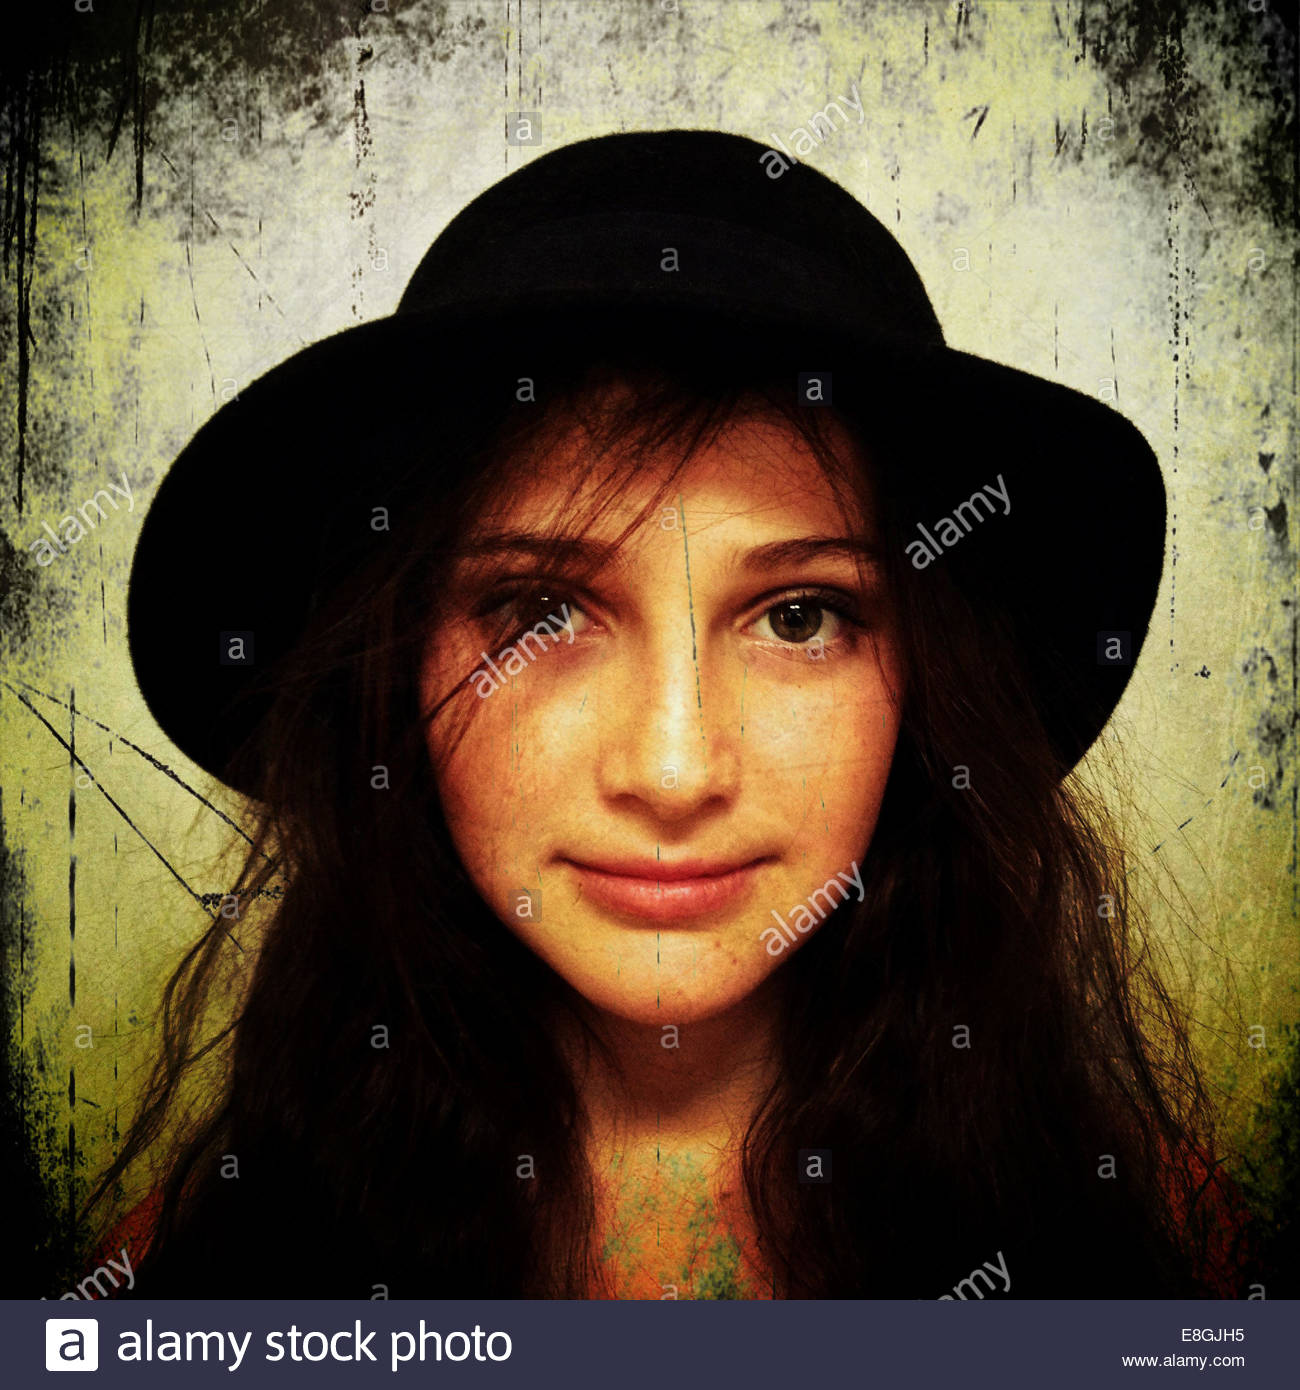 Ritratto di una ragazza che indossa hat Immagini Stock